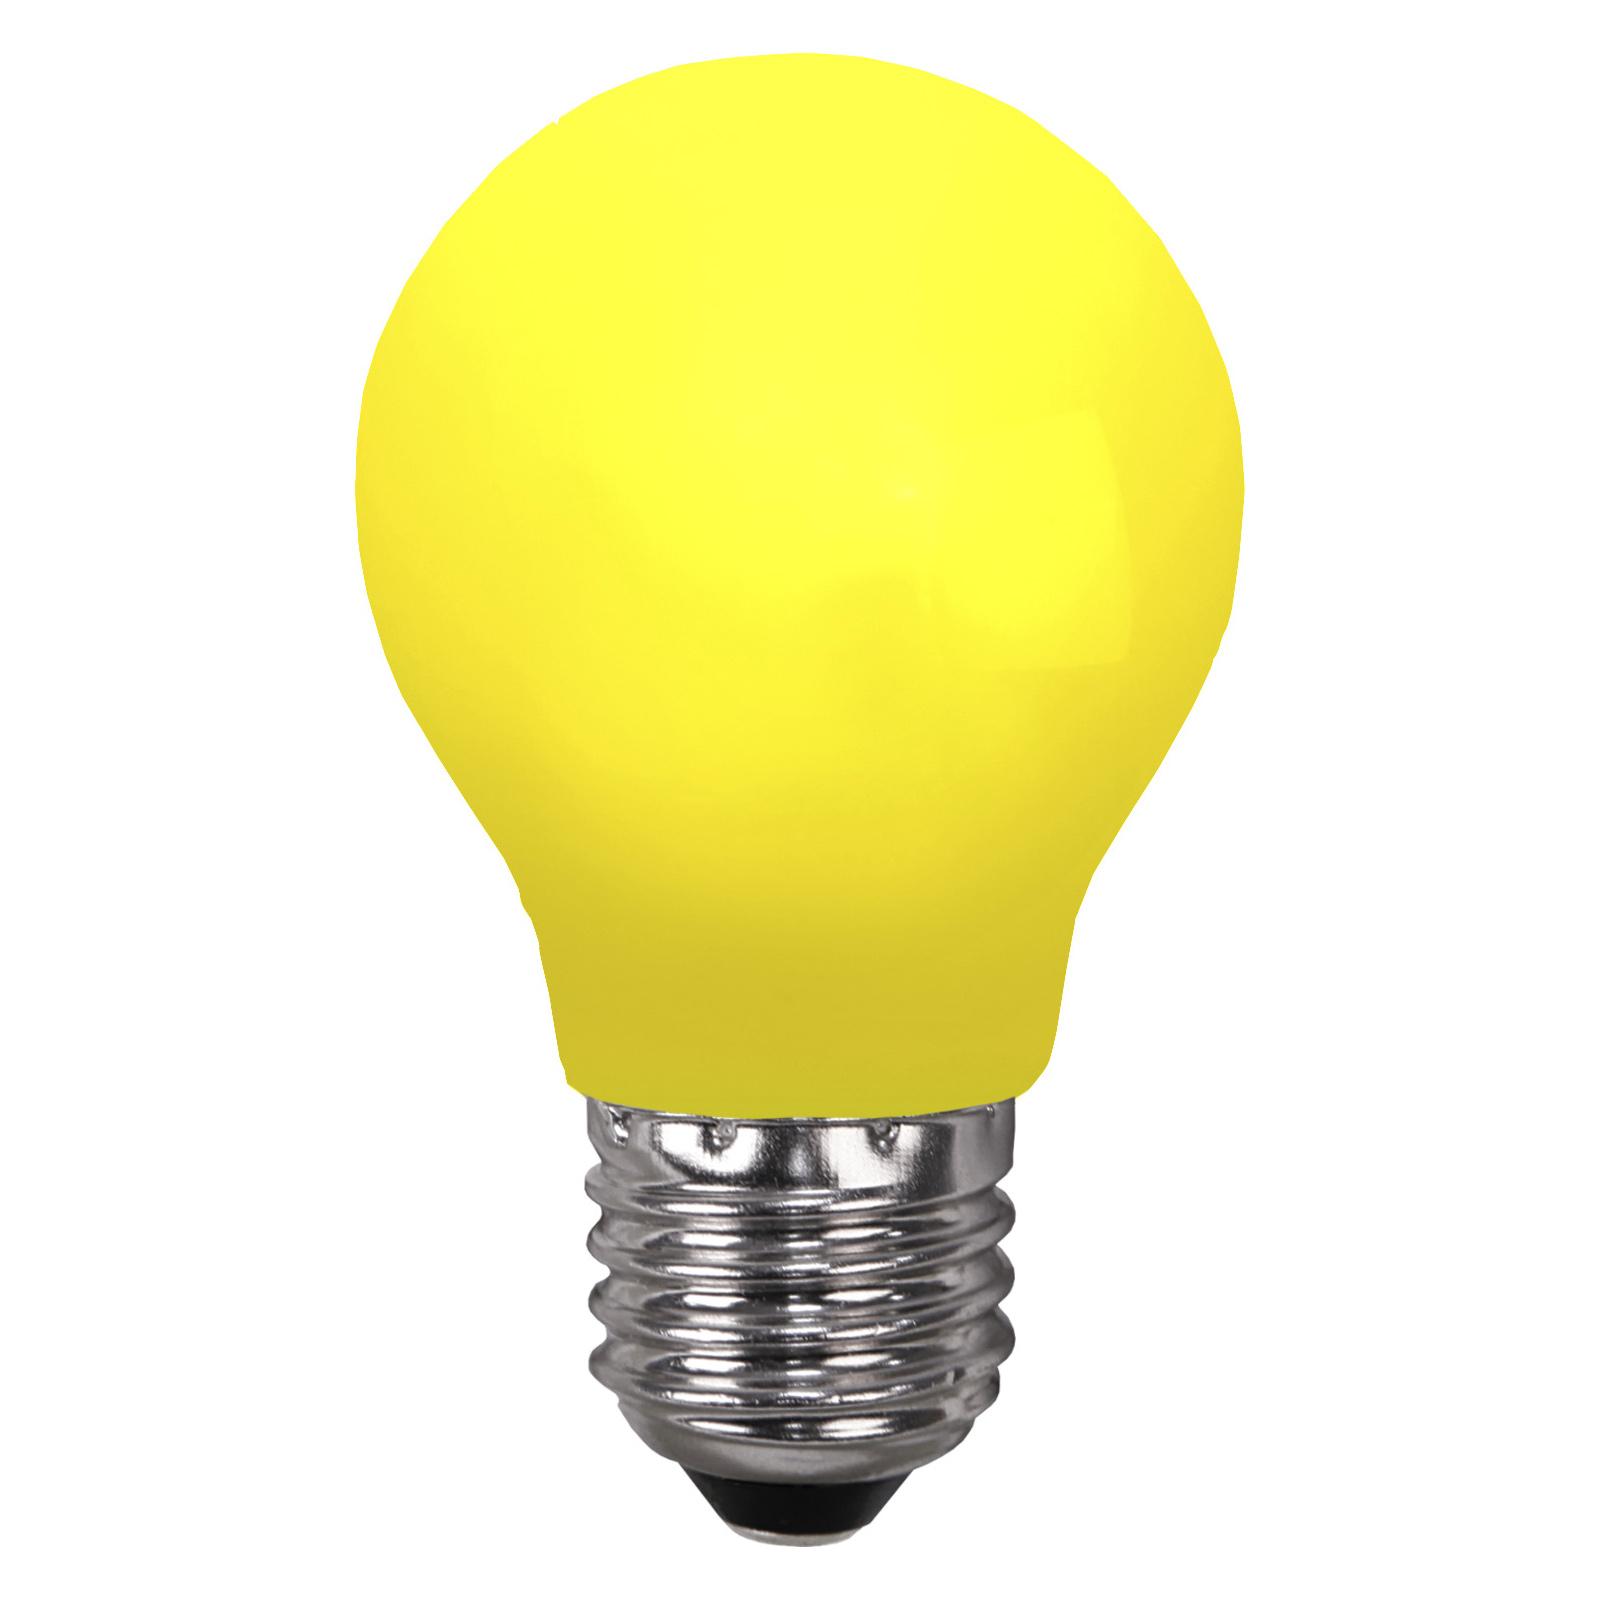 LED-Lampe E27 für Lichterketten, bruchfest, gelb